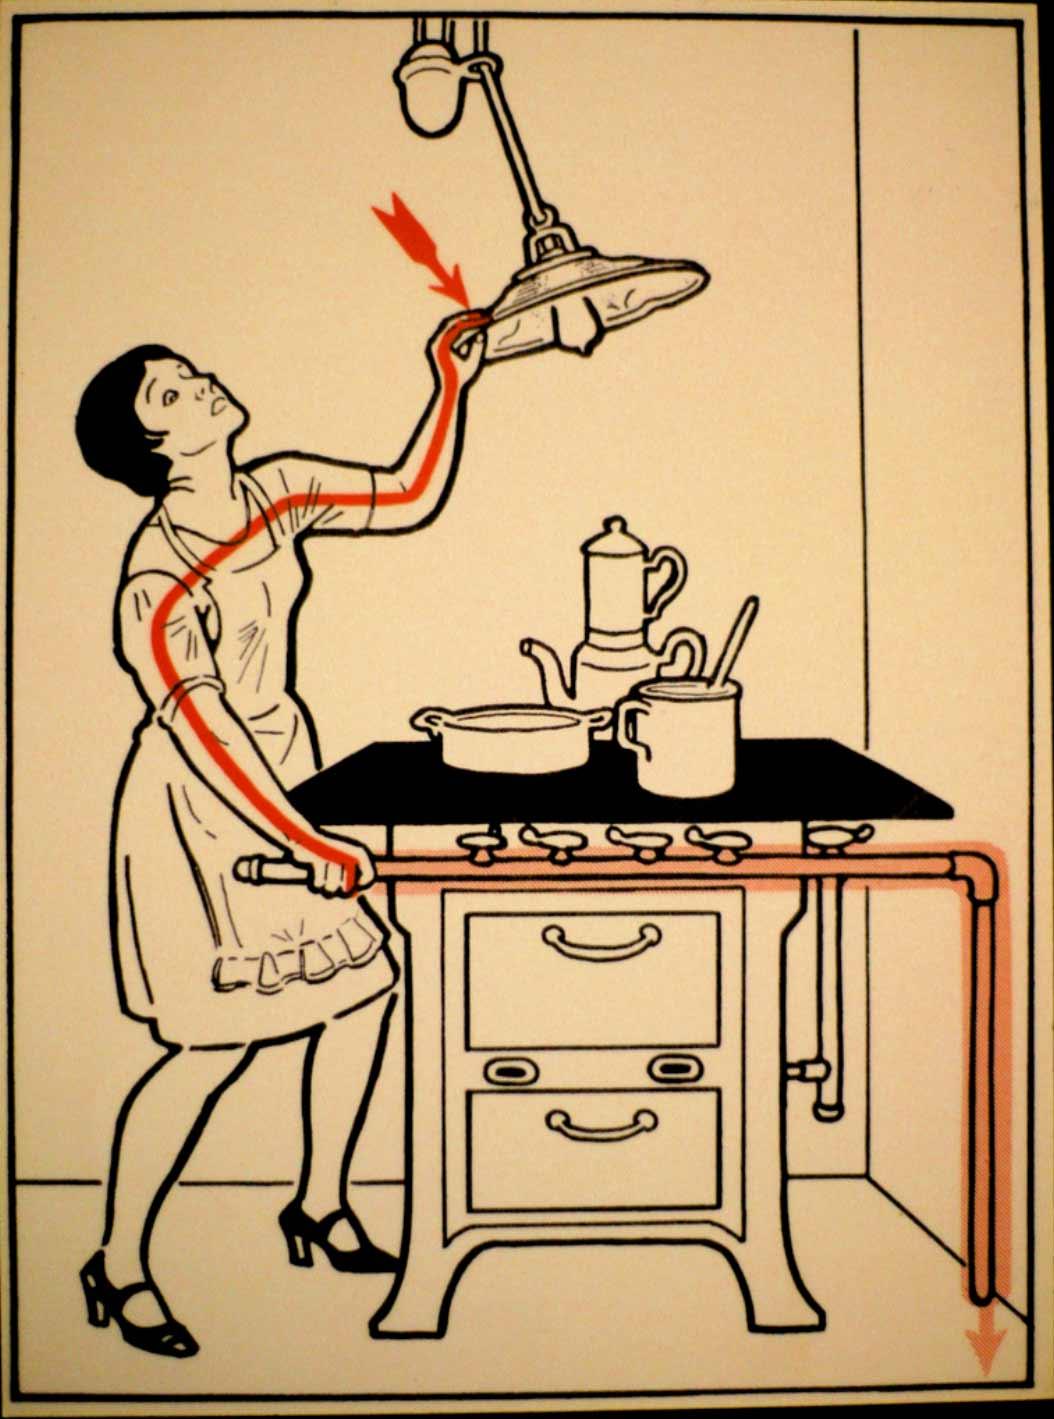 1931 wurde vor skurrilen Arten eines Stromschlages gewarnt Elektroschutz-in-132-Bildern_10